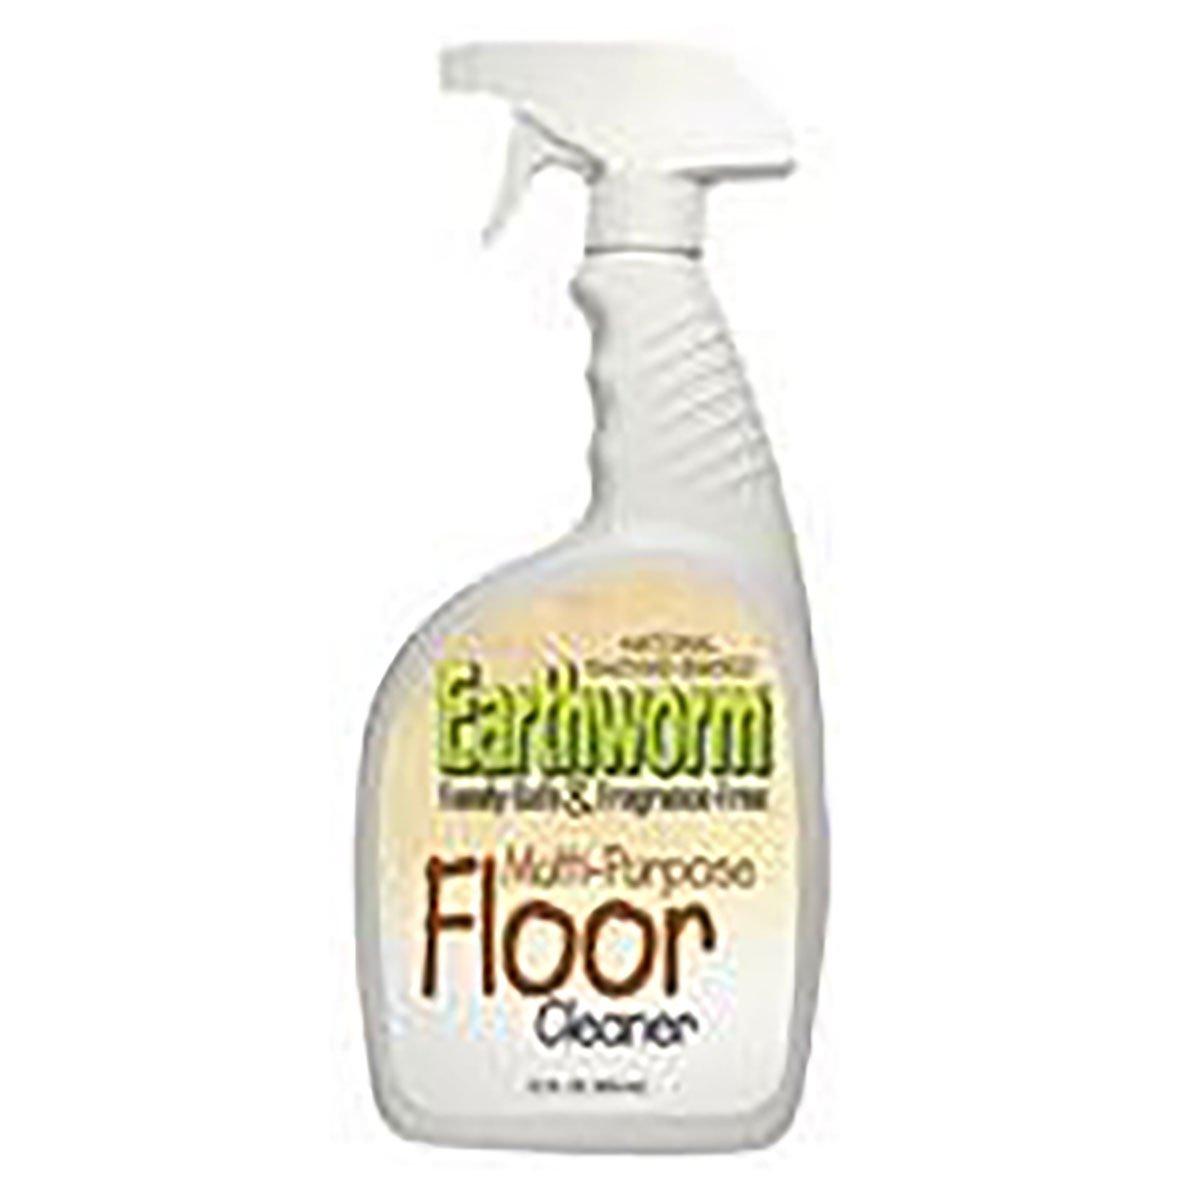 Lombrices multiusos limpiador de suelo, 22 Ounce - -6 per ...